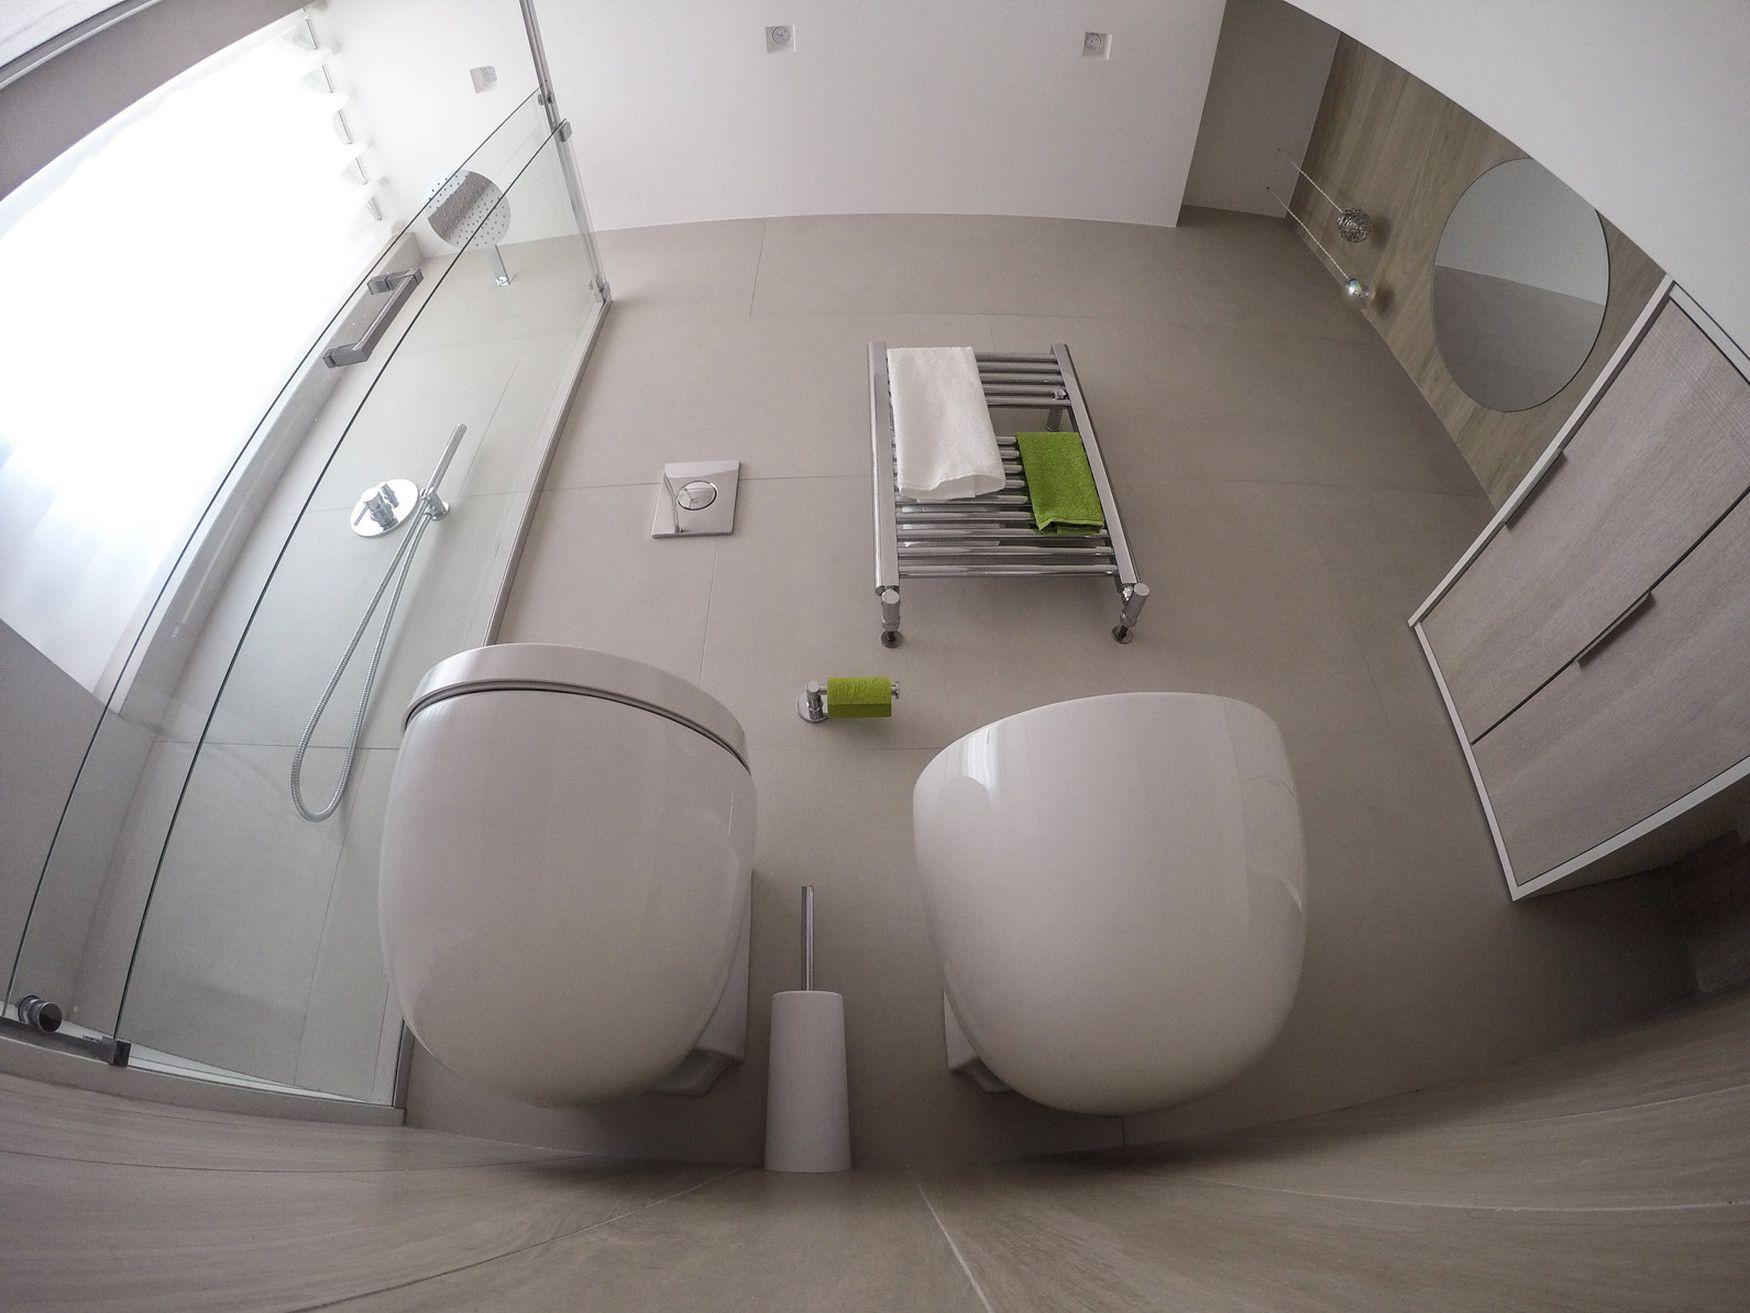 Minima architettura roma bagno design ristrutturazione